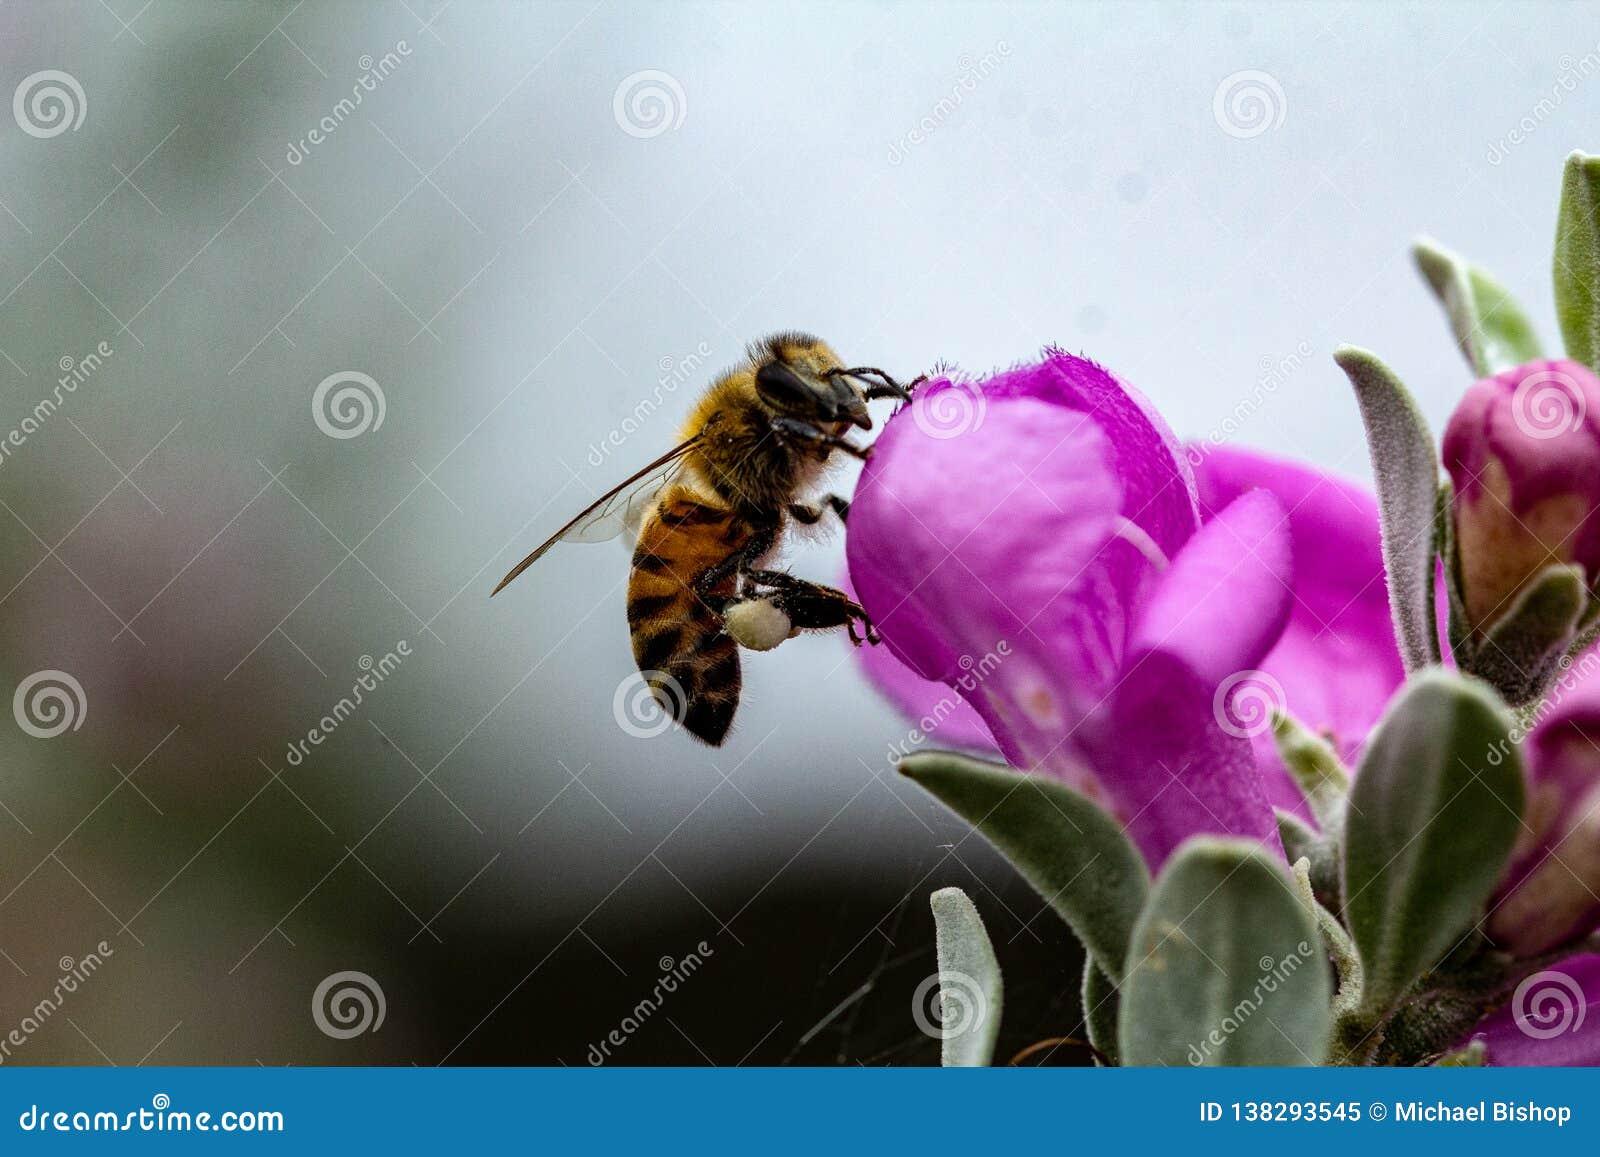 Honigbiene mit dem Blütenstaub auf den Beinen, die auf weiser Blume landen